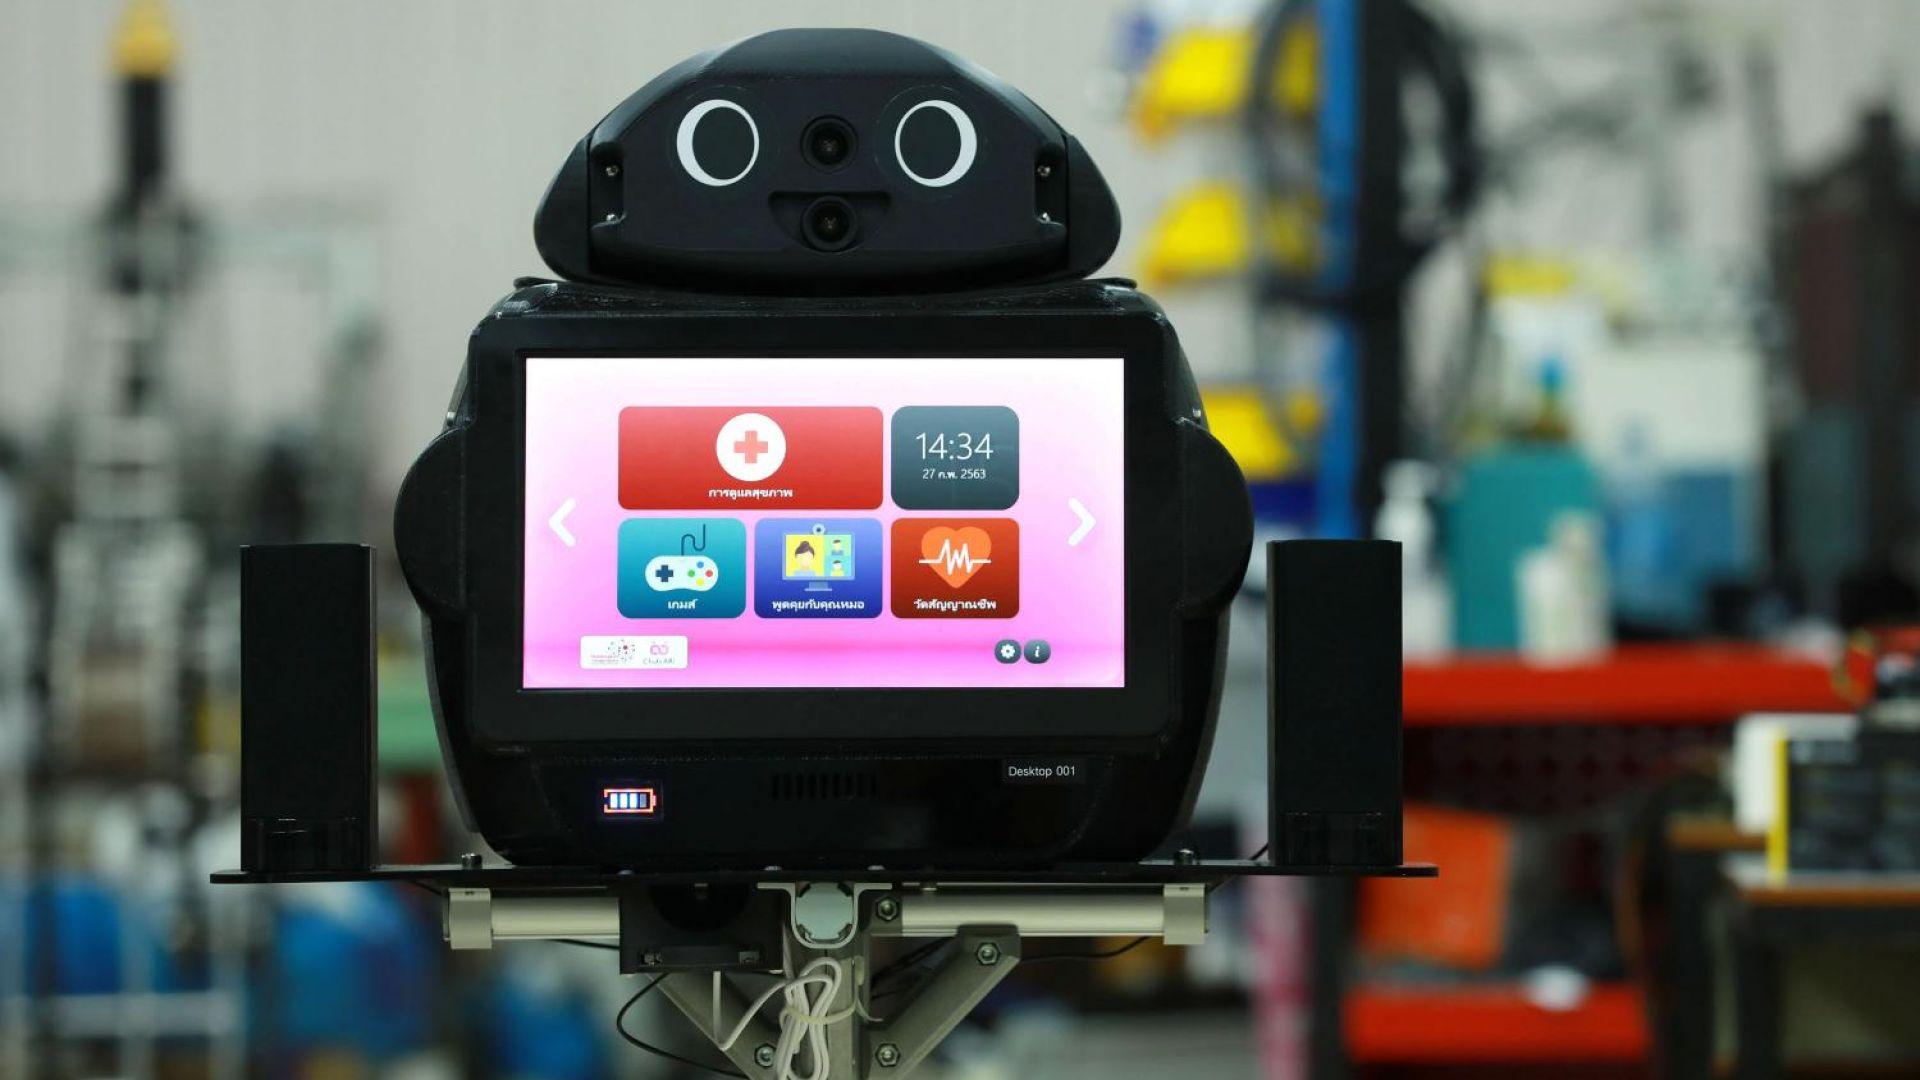 Роботи с 5G се грижат за пациенти с коронавирус